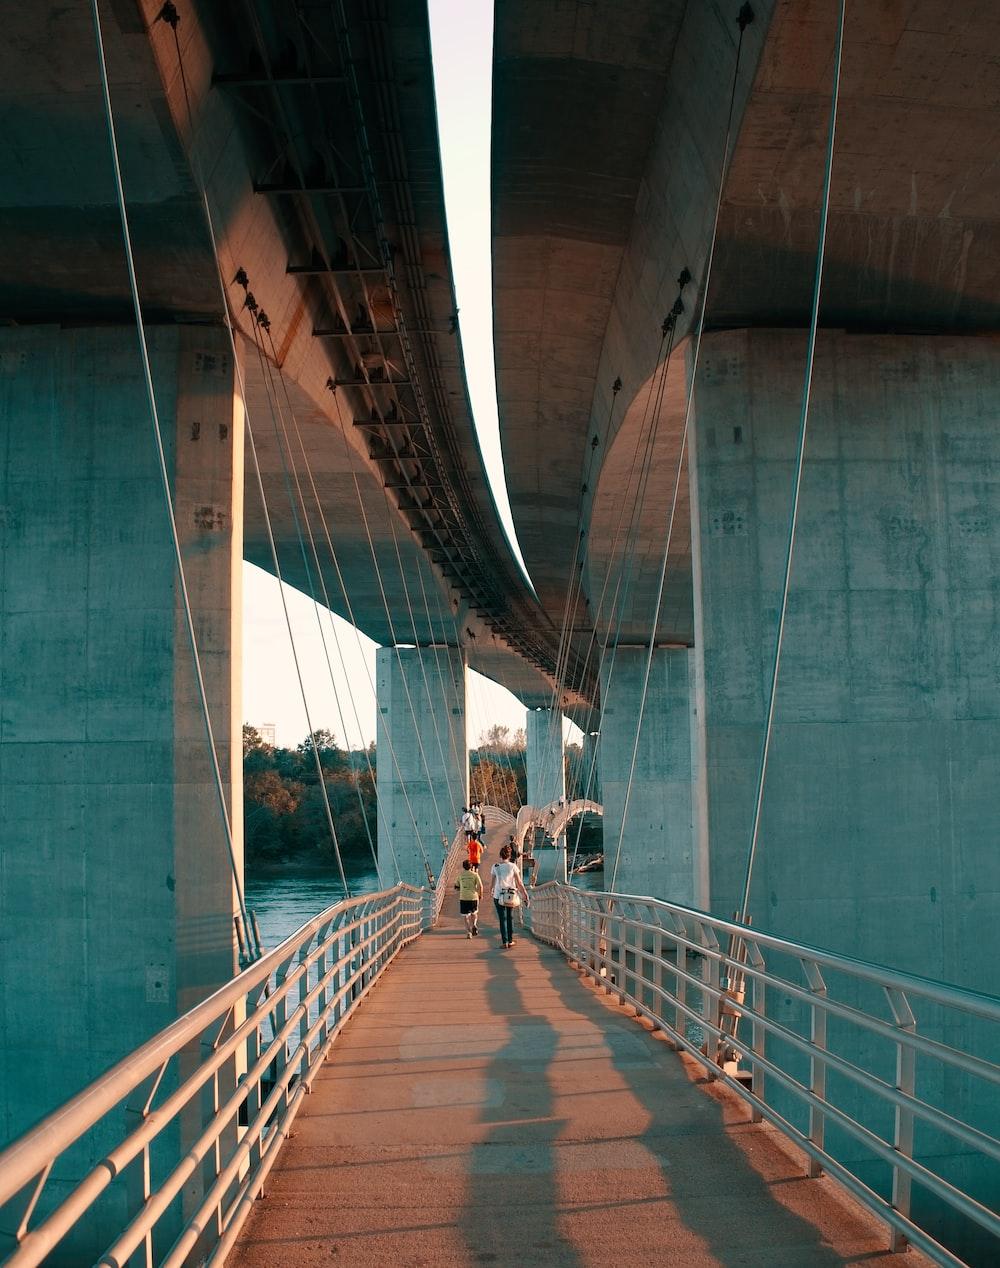 people walking on walk bridge during daytime